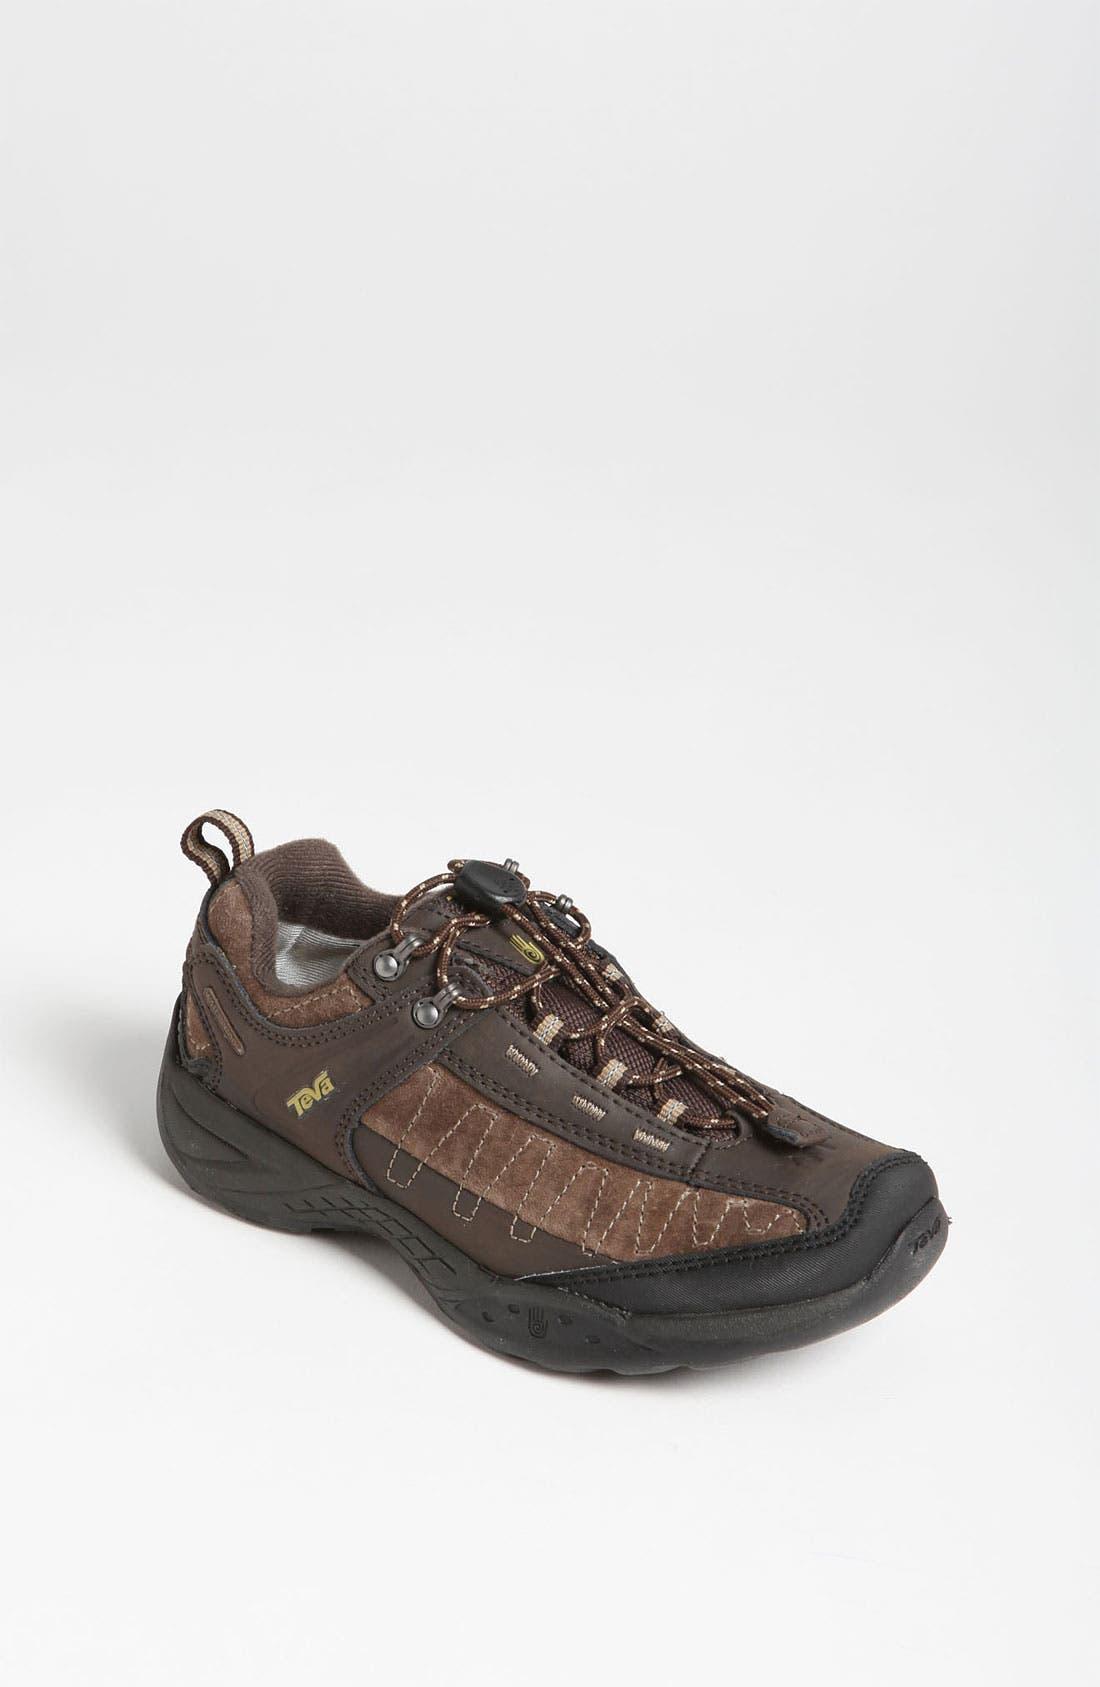 Alternate Image 1 Selected - Teva 'Raith' Waterproof Sneaker (Toddler & Little Kid)